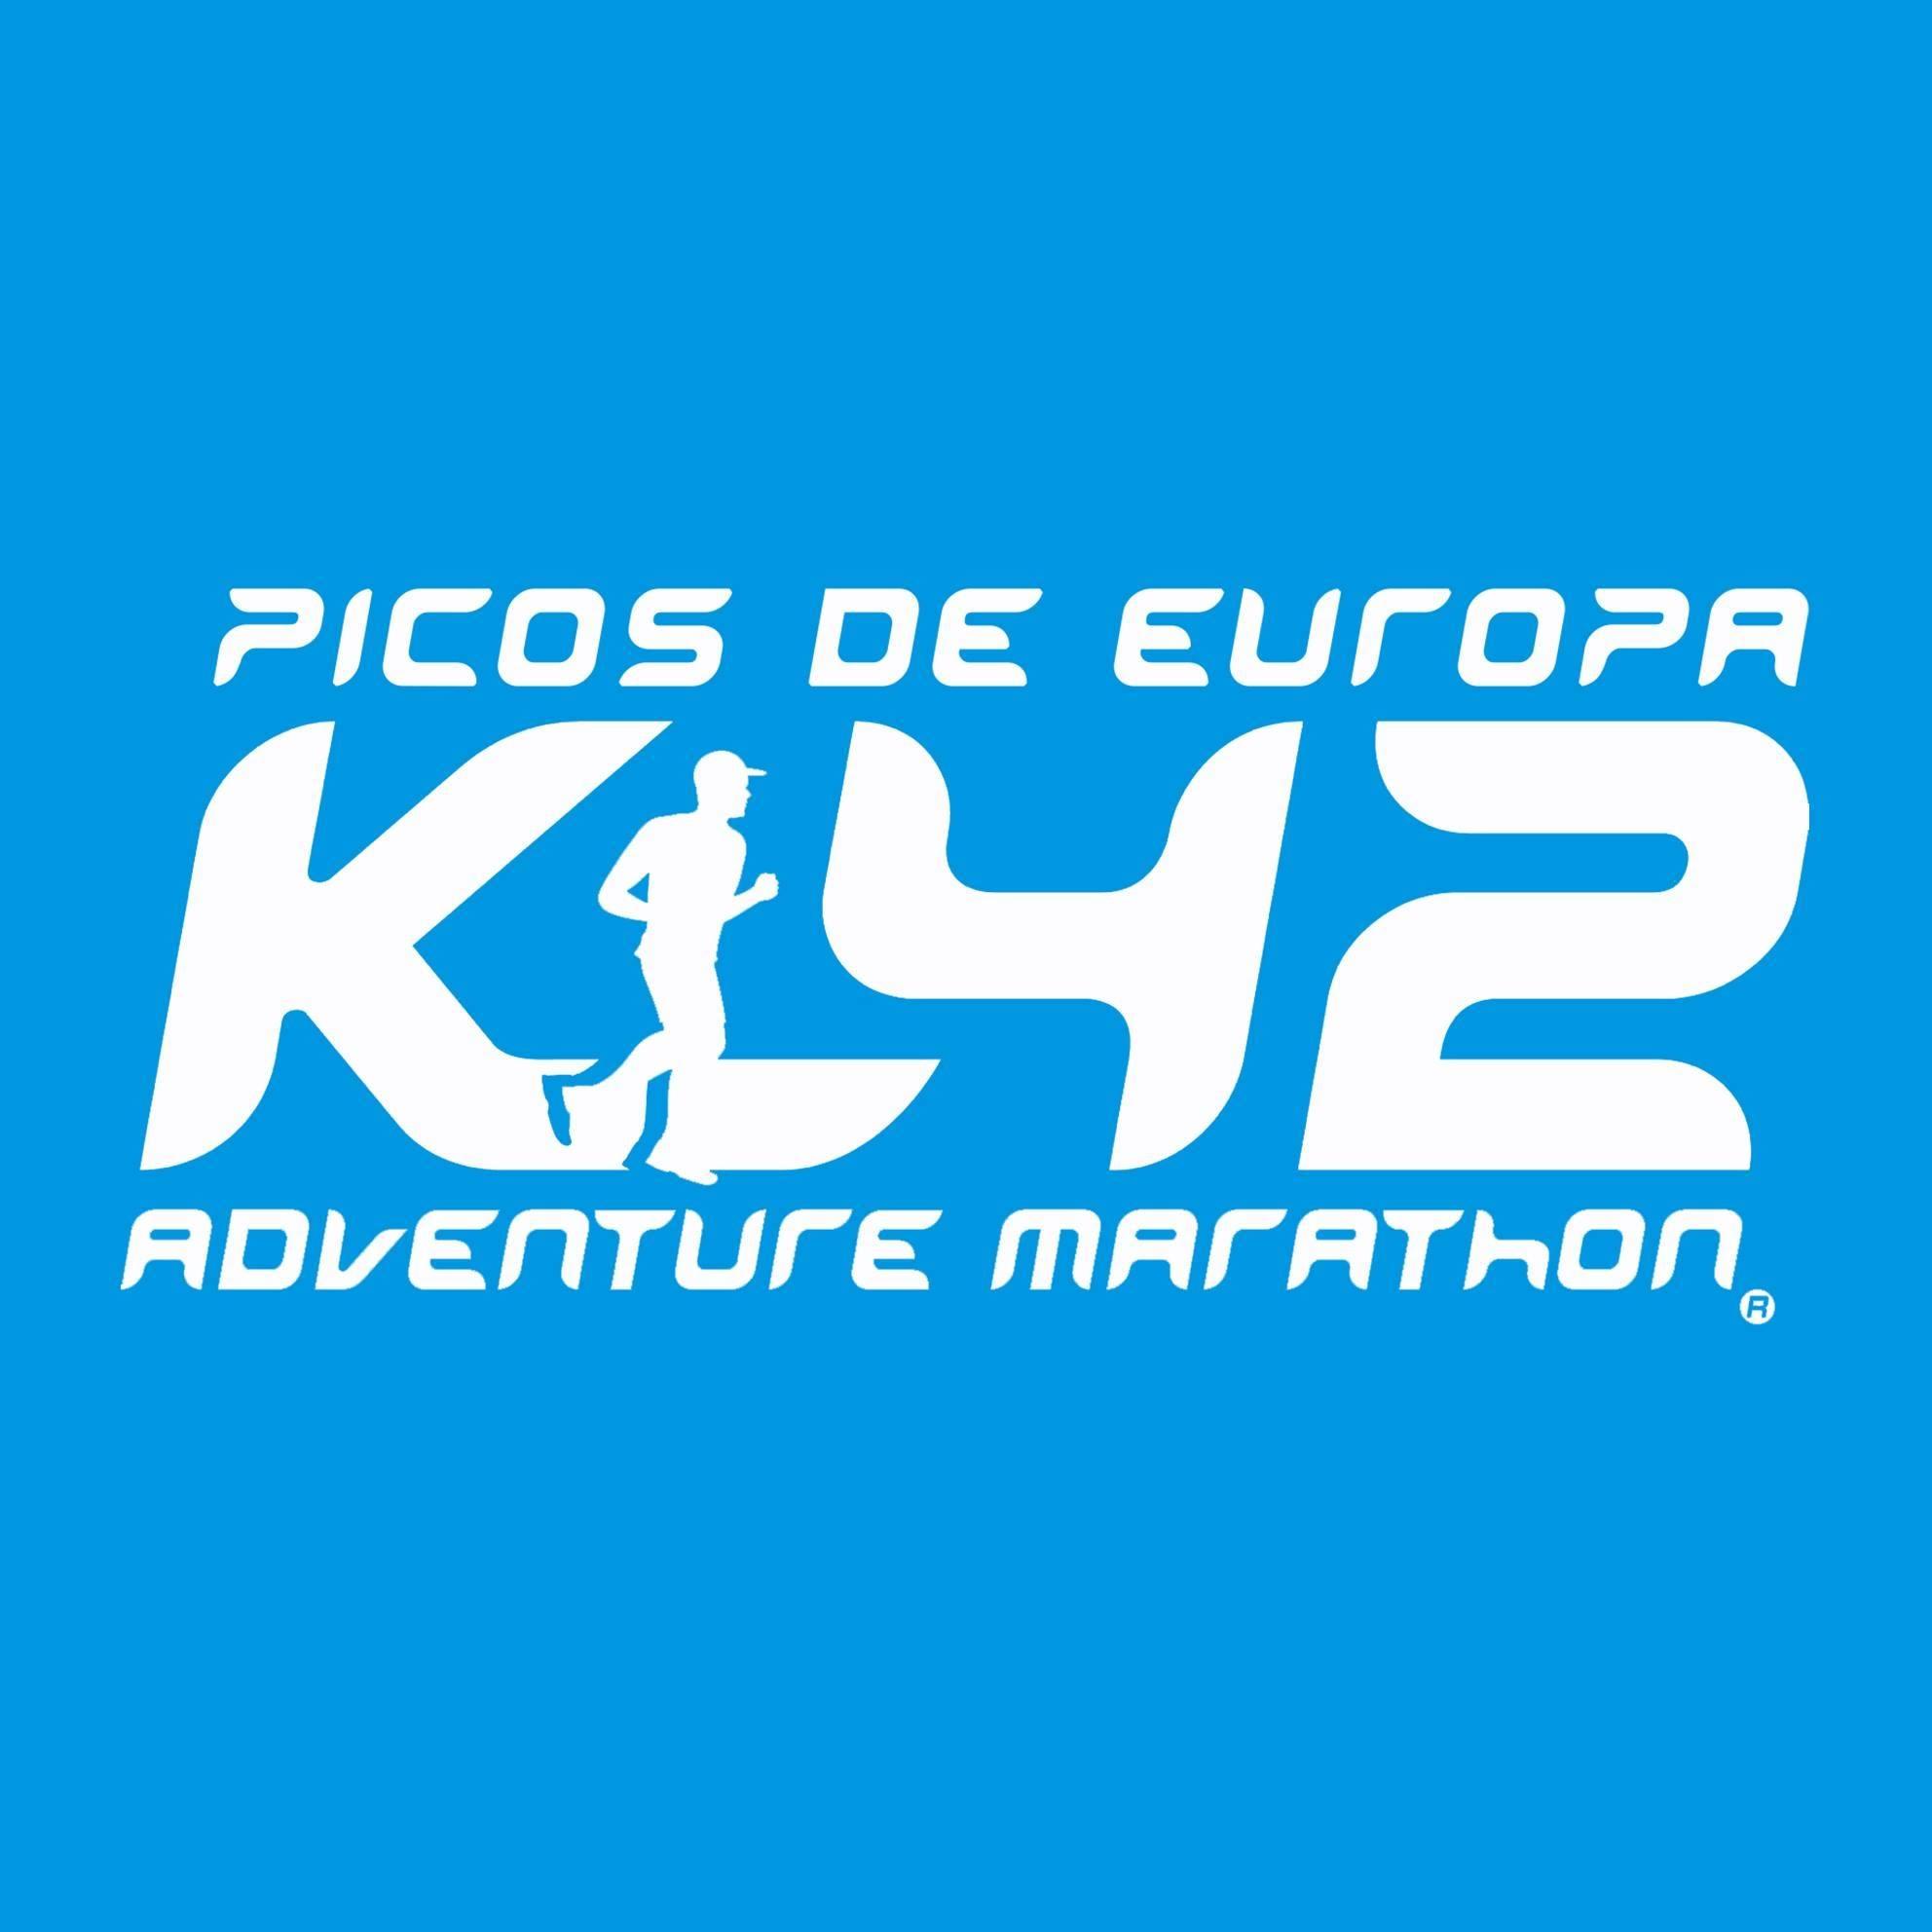 Logo-K42 Picos de Europa